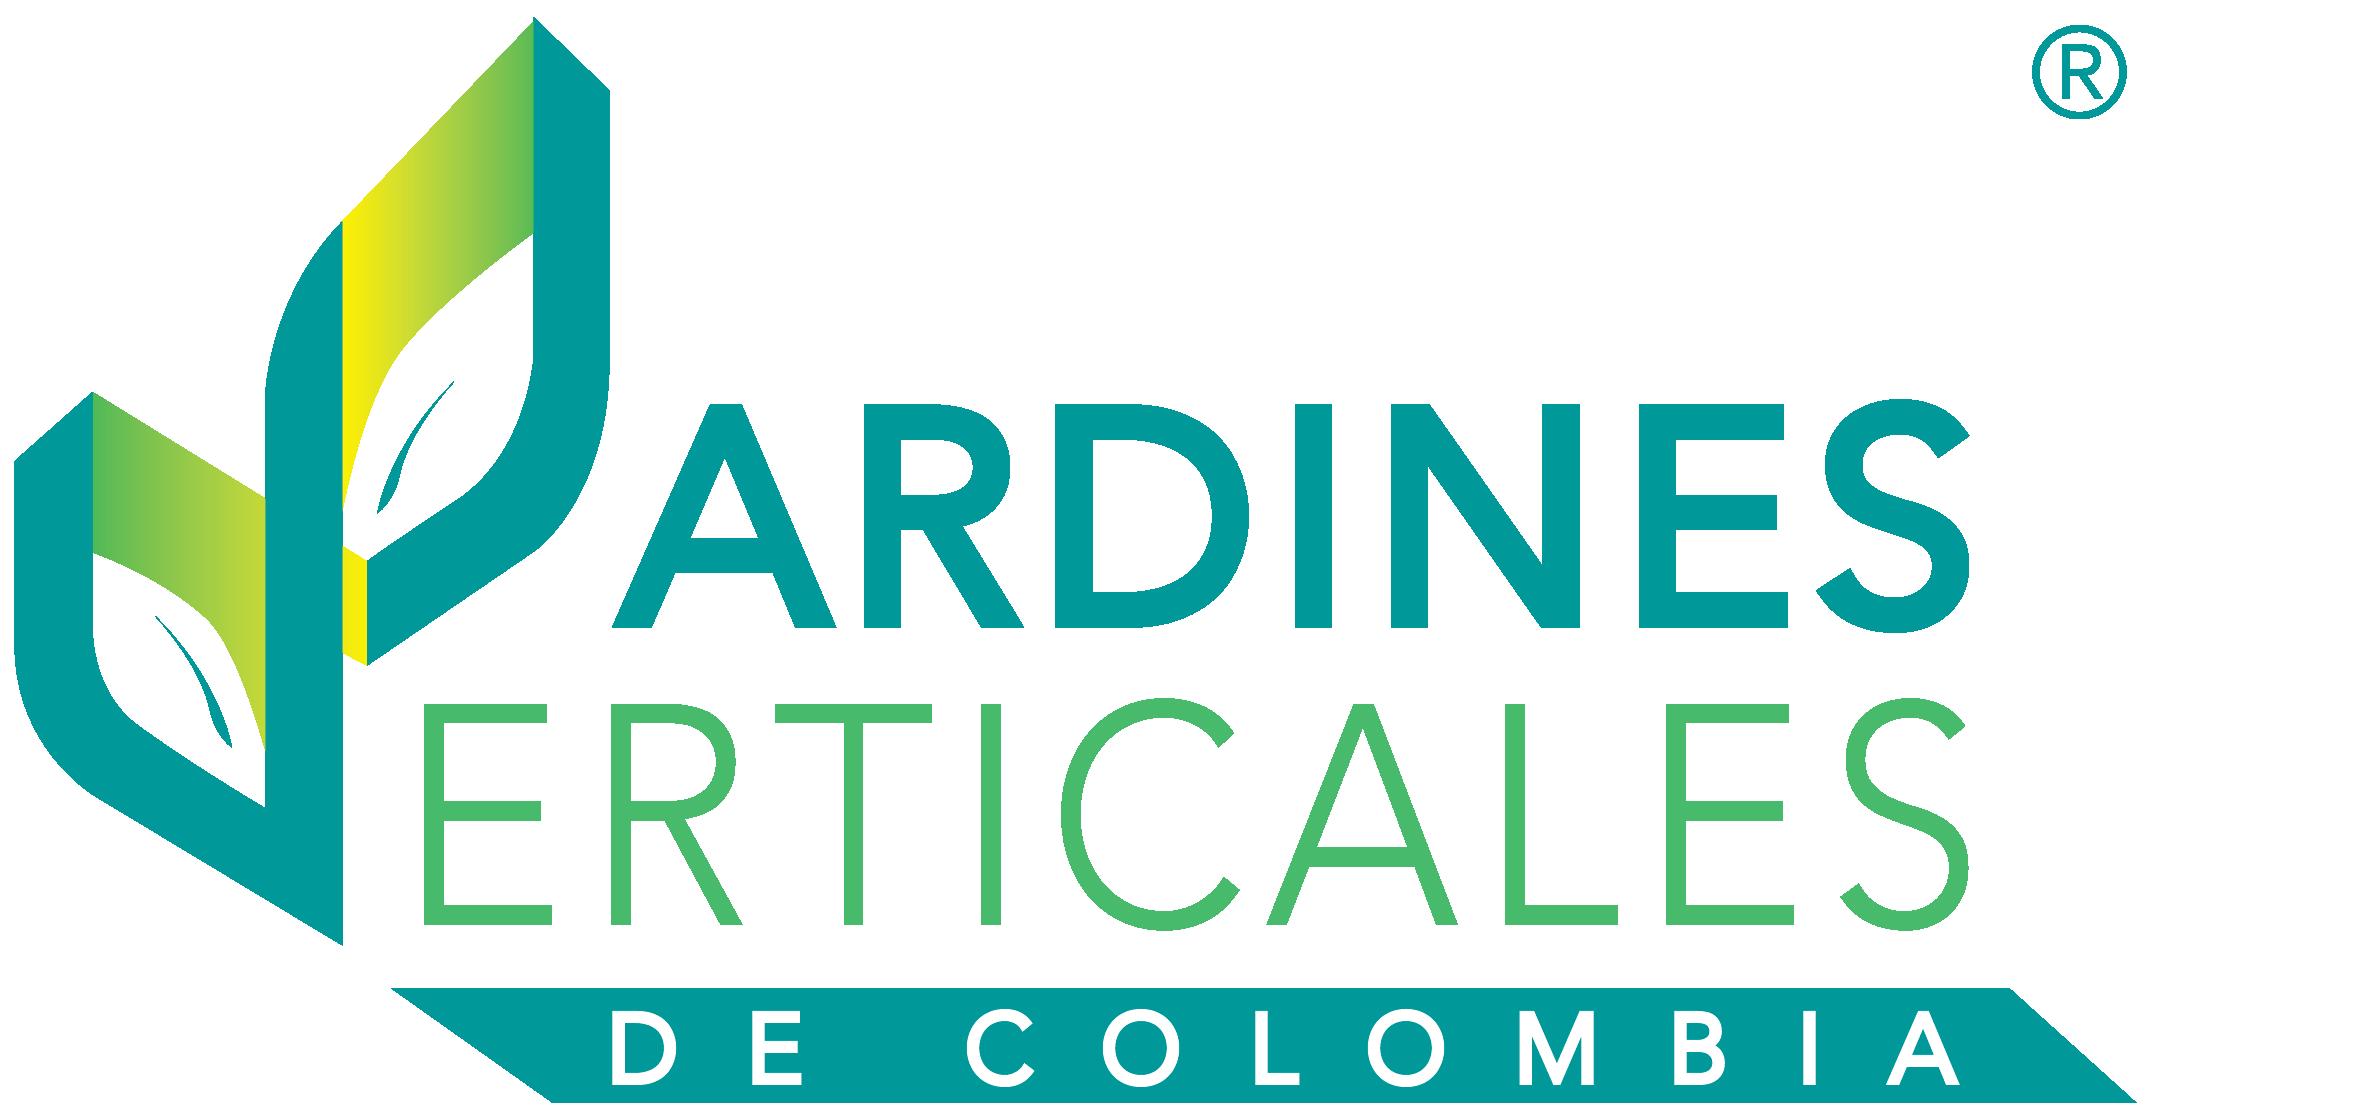 Jardines Verticales de Colombia sas